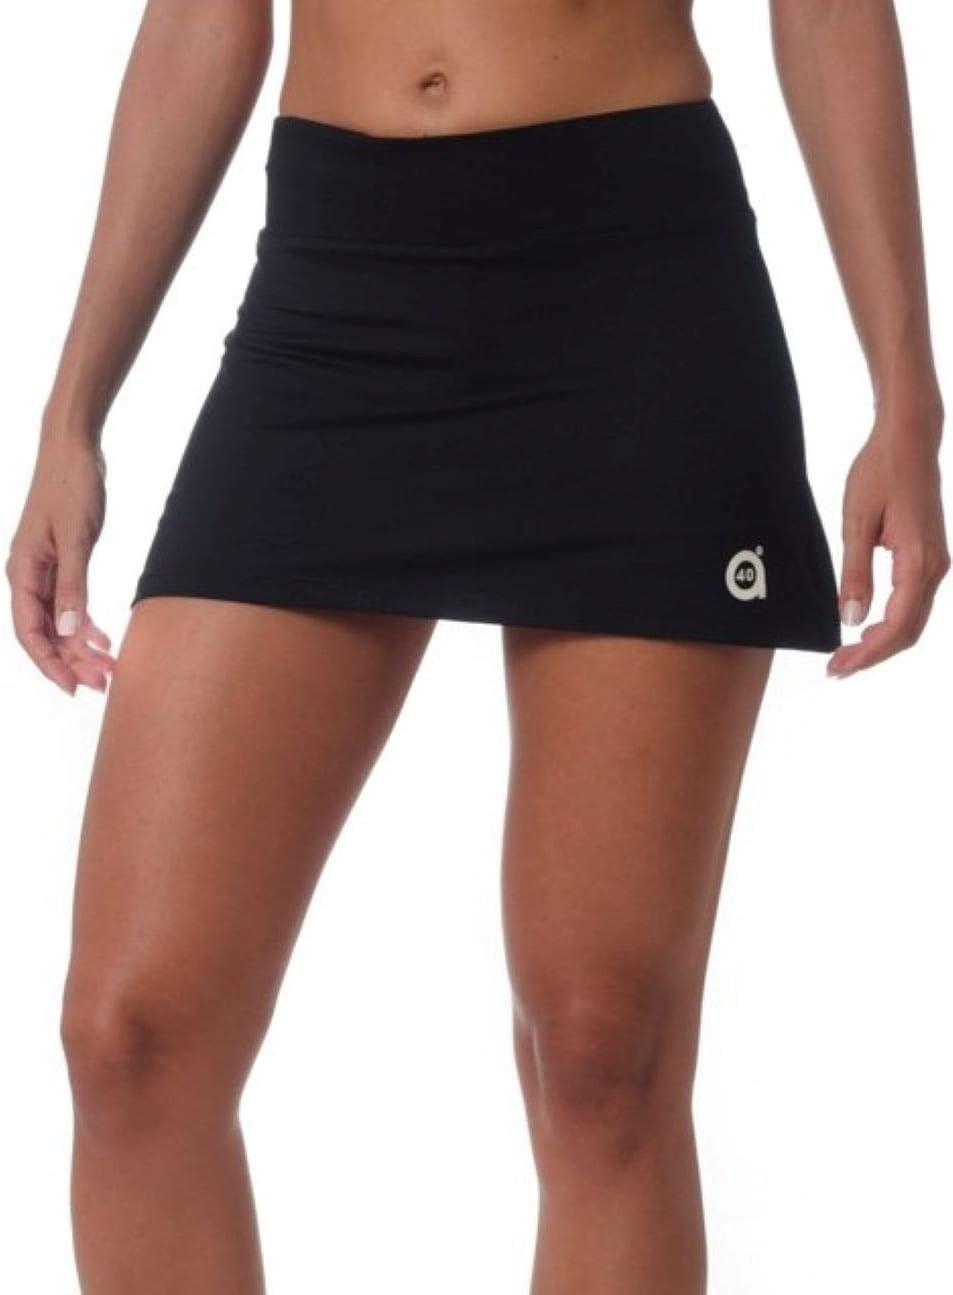 a40grados Sport & Style, Falda Fussion Negra, Mujer, Tenis y Padel ...